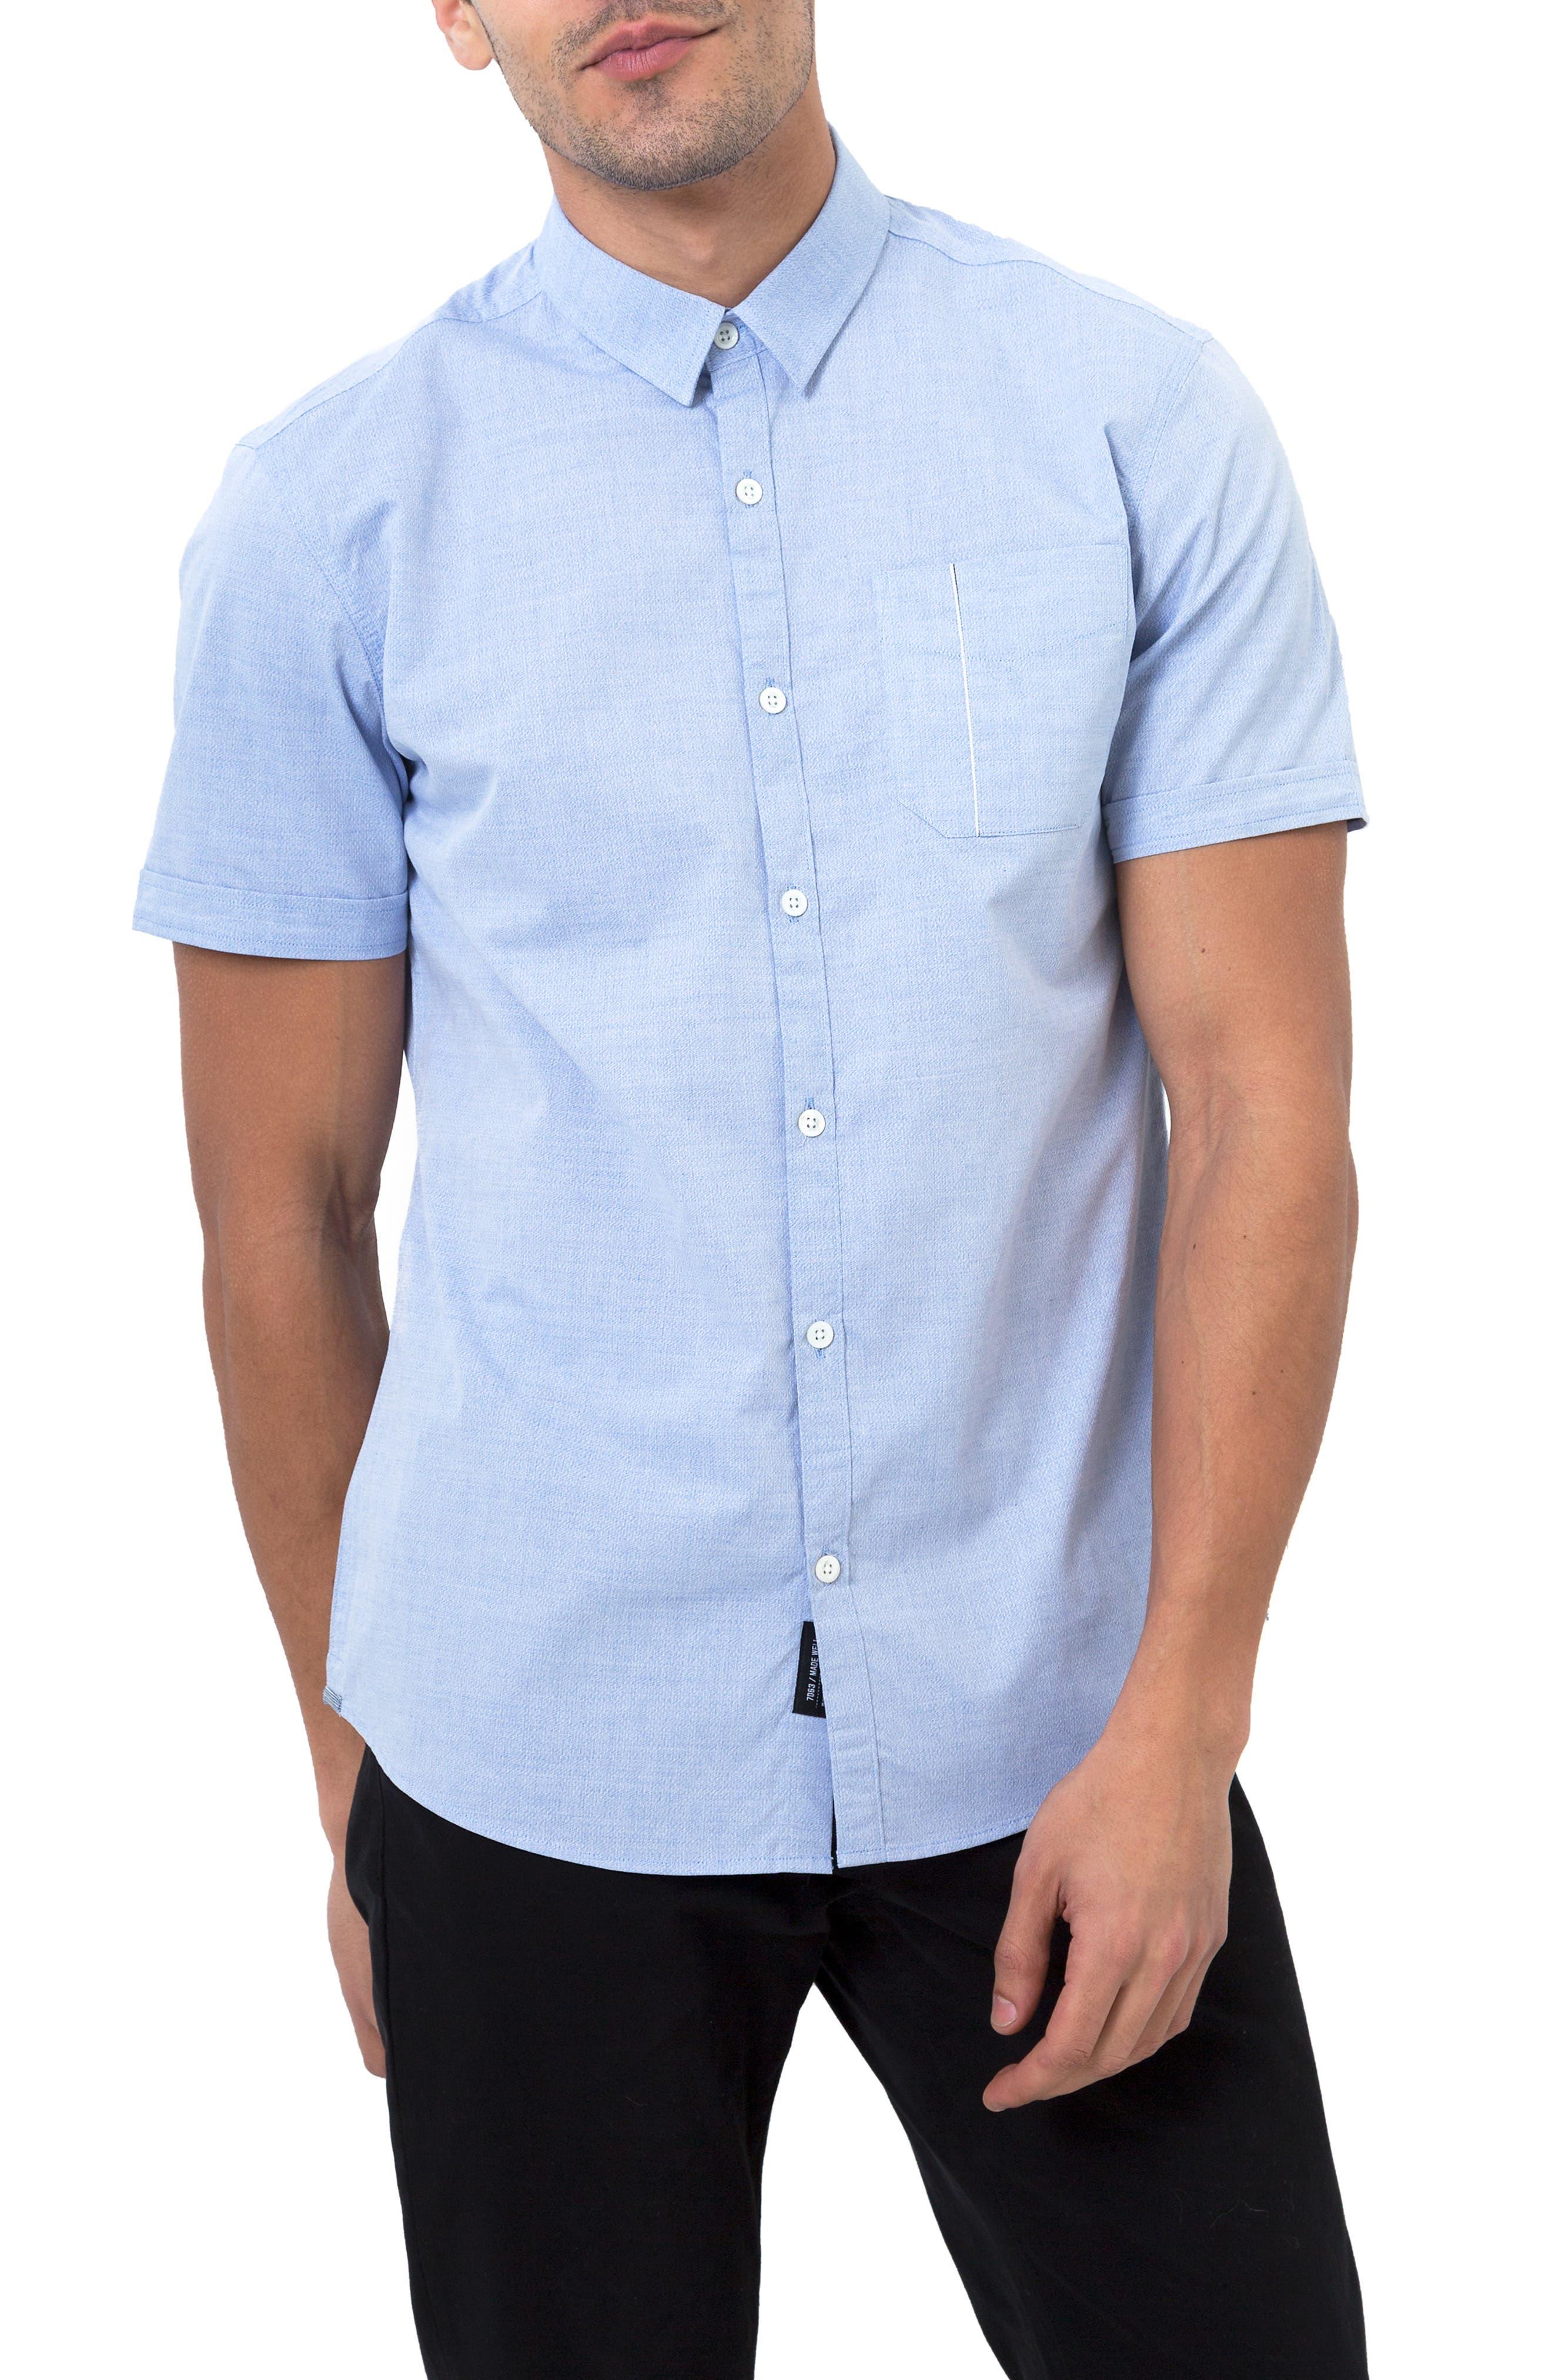 Smile Away Trim Fit Sport Shirt,                             Main thumbnail 1, color,                             LIGHT BLUE